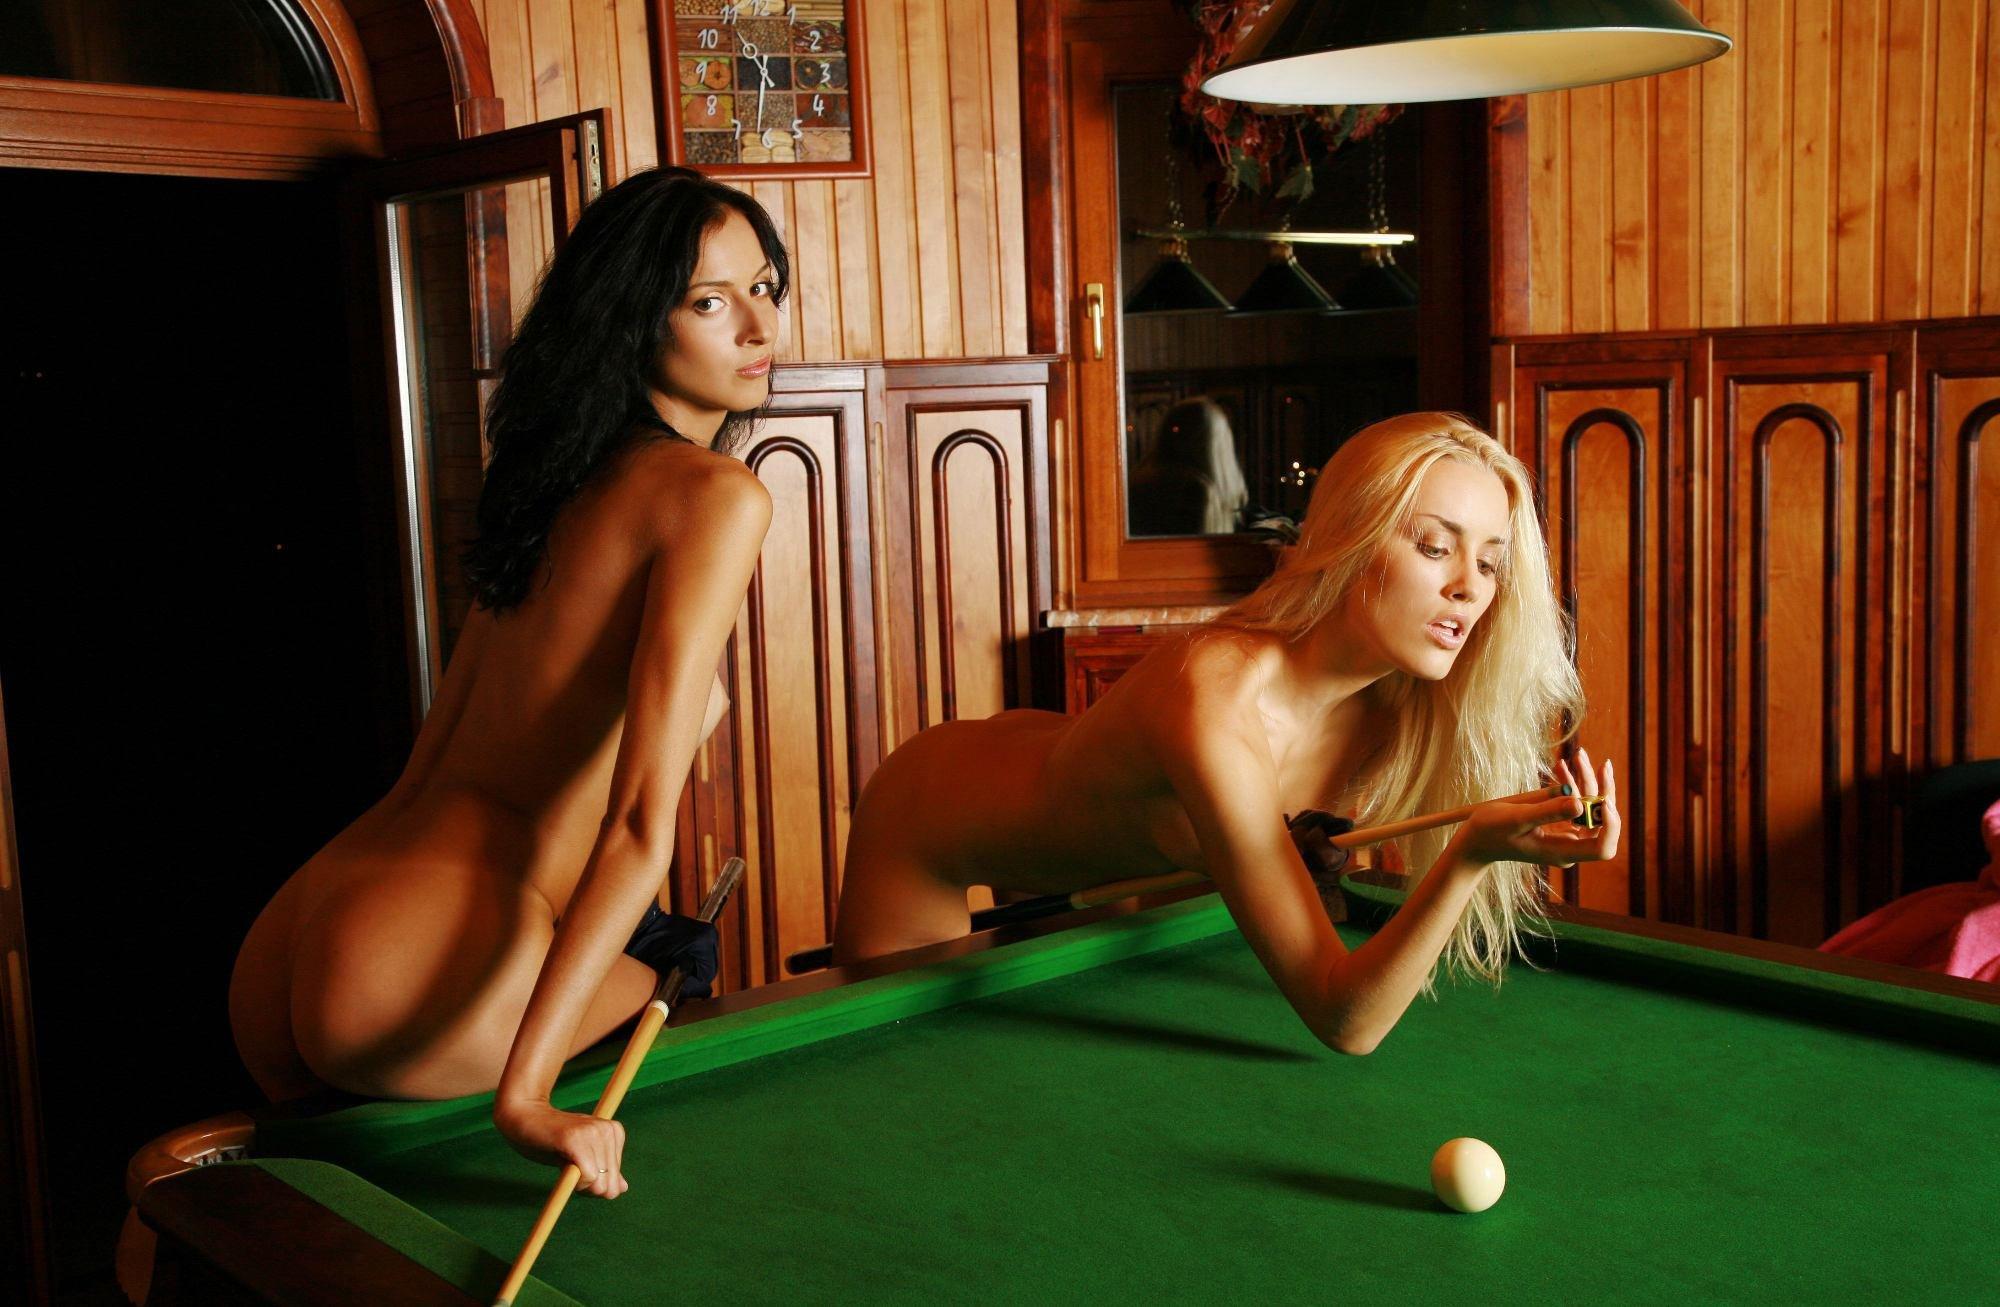 Секс бильярд играть, Эротический покер-бильярд - Эротические и порно игры 25 фотография